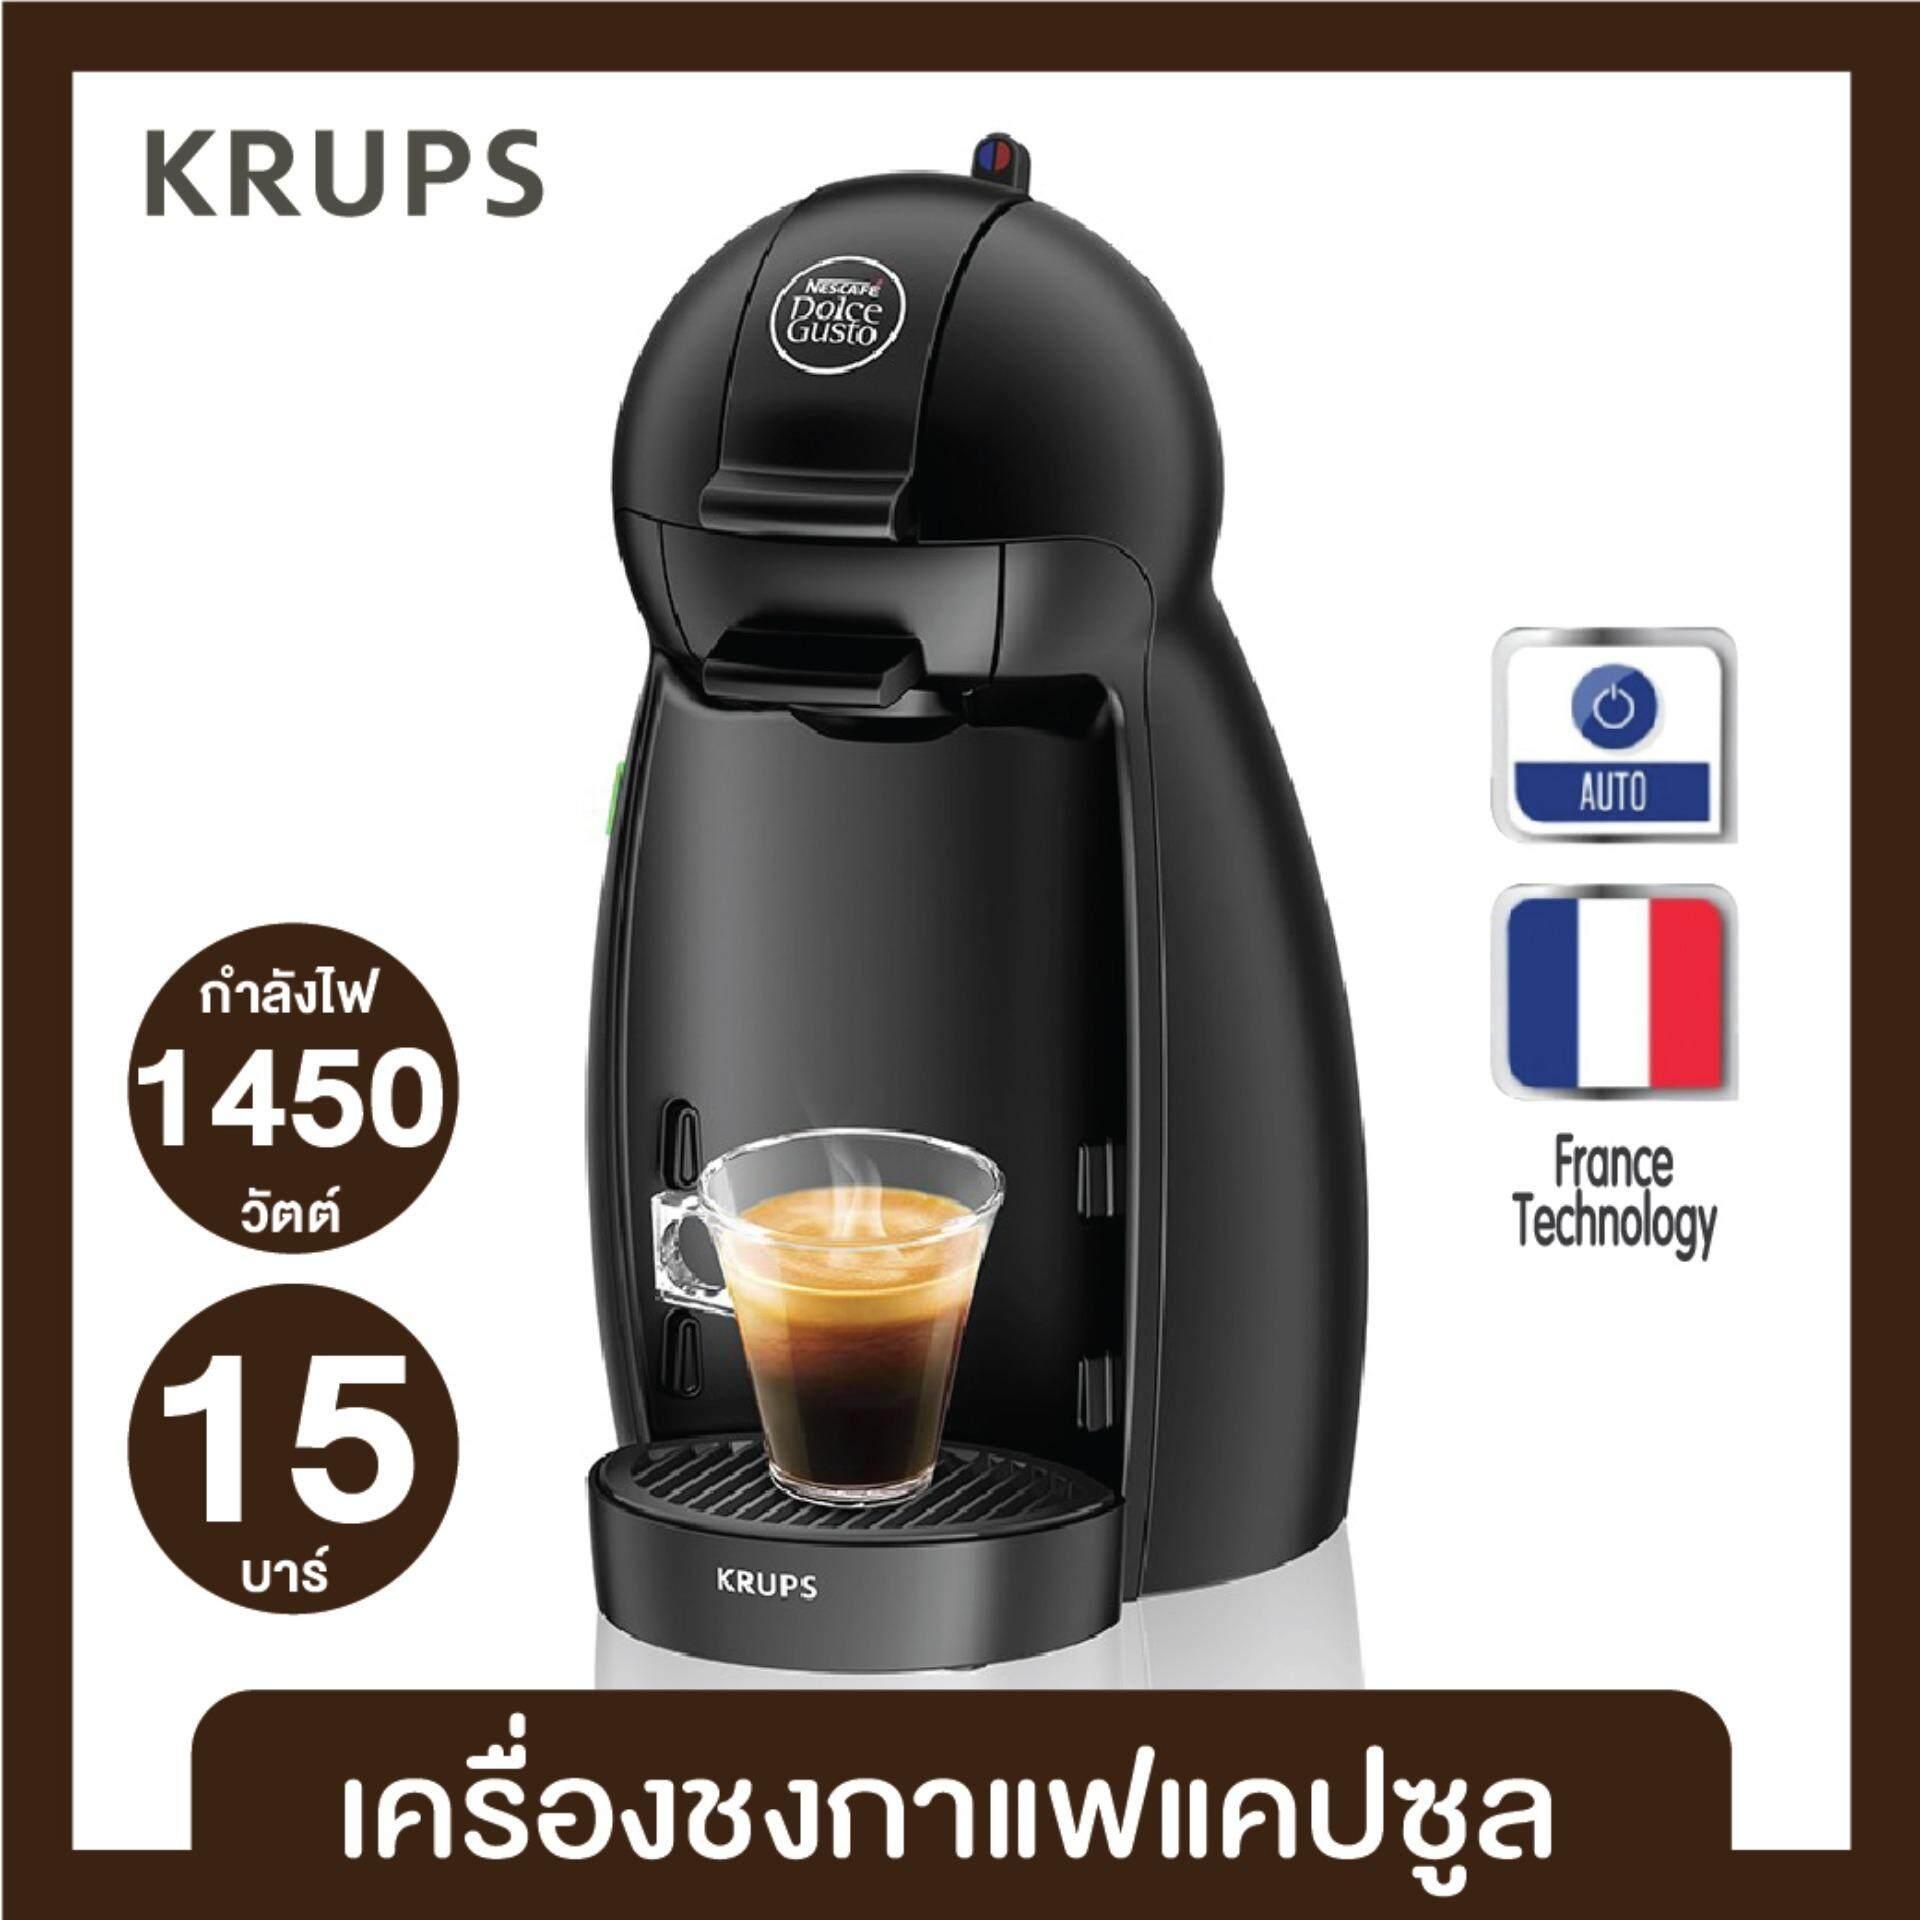 KRUPS เครื่องชงกาแฟแบบแคปซูล KP100